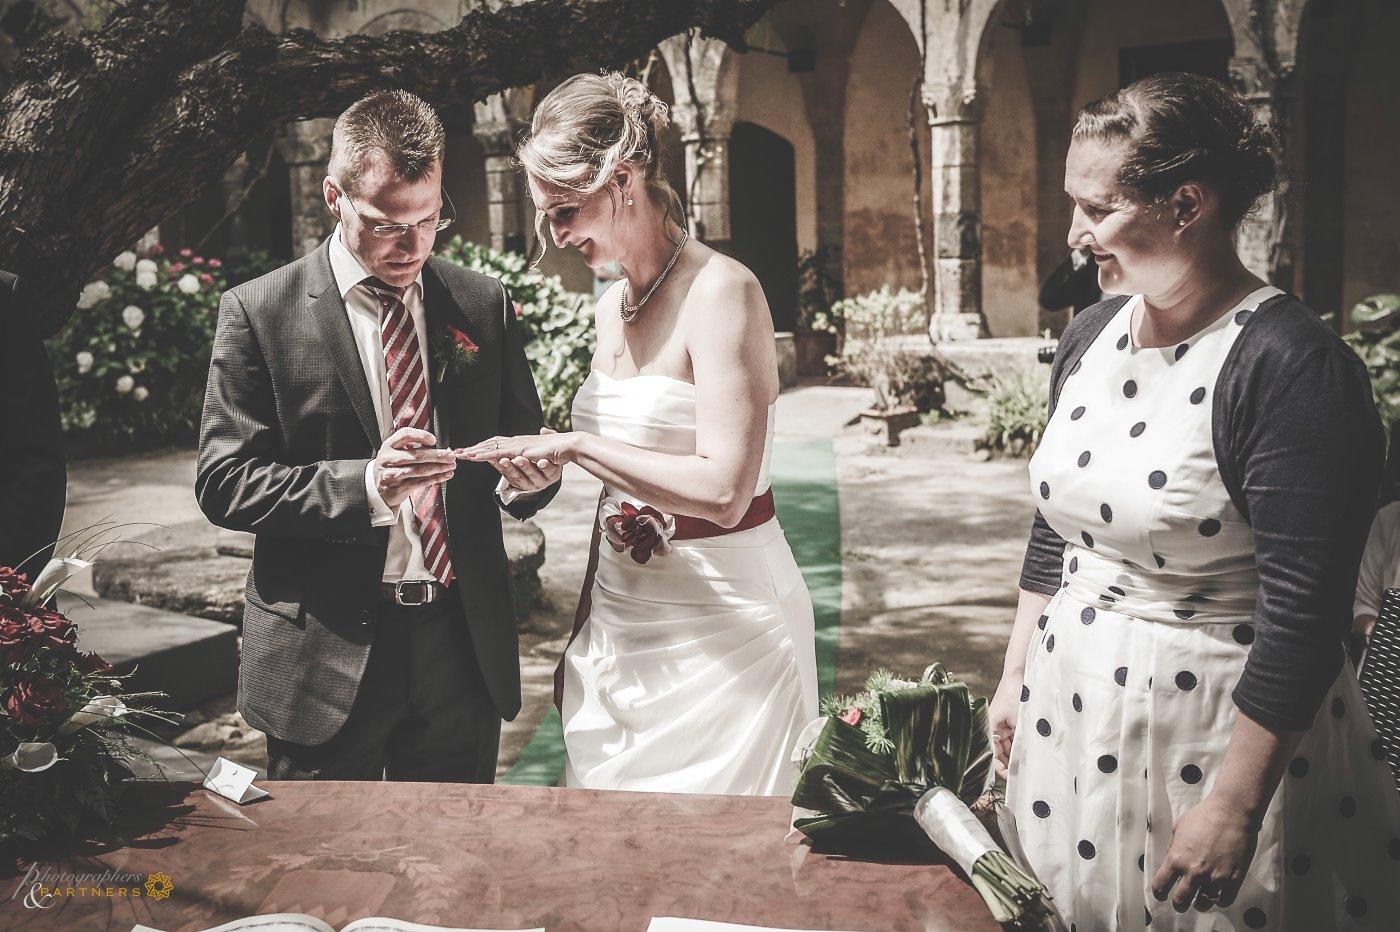 photographer_weddings_sorrento_07.jpg